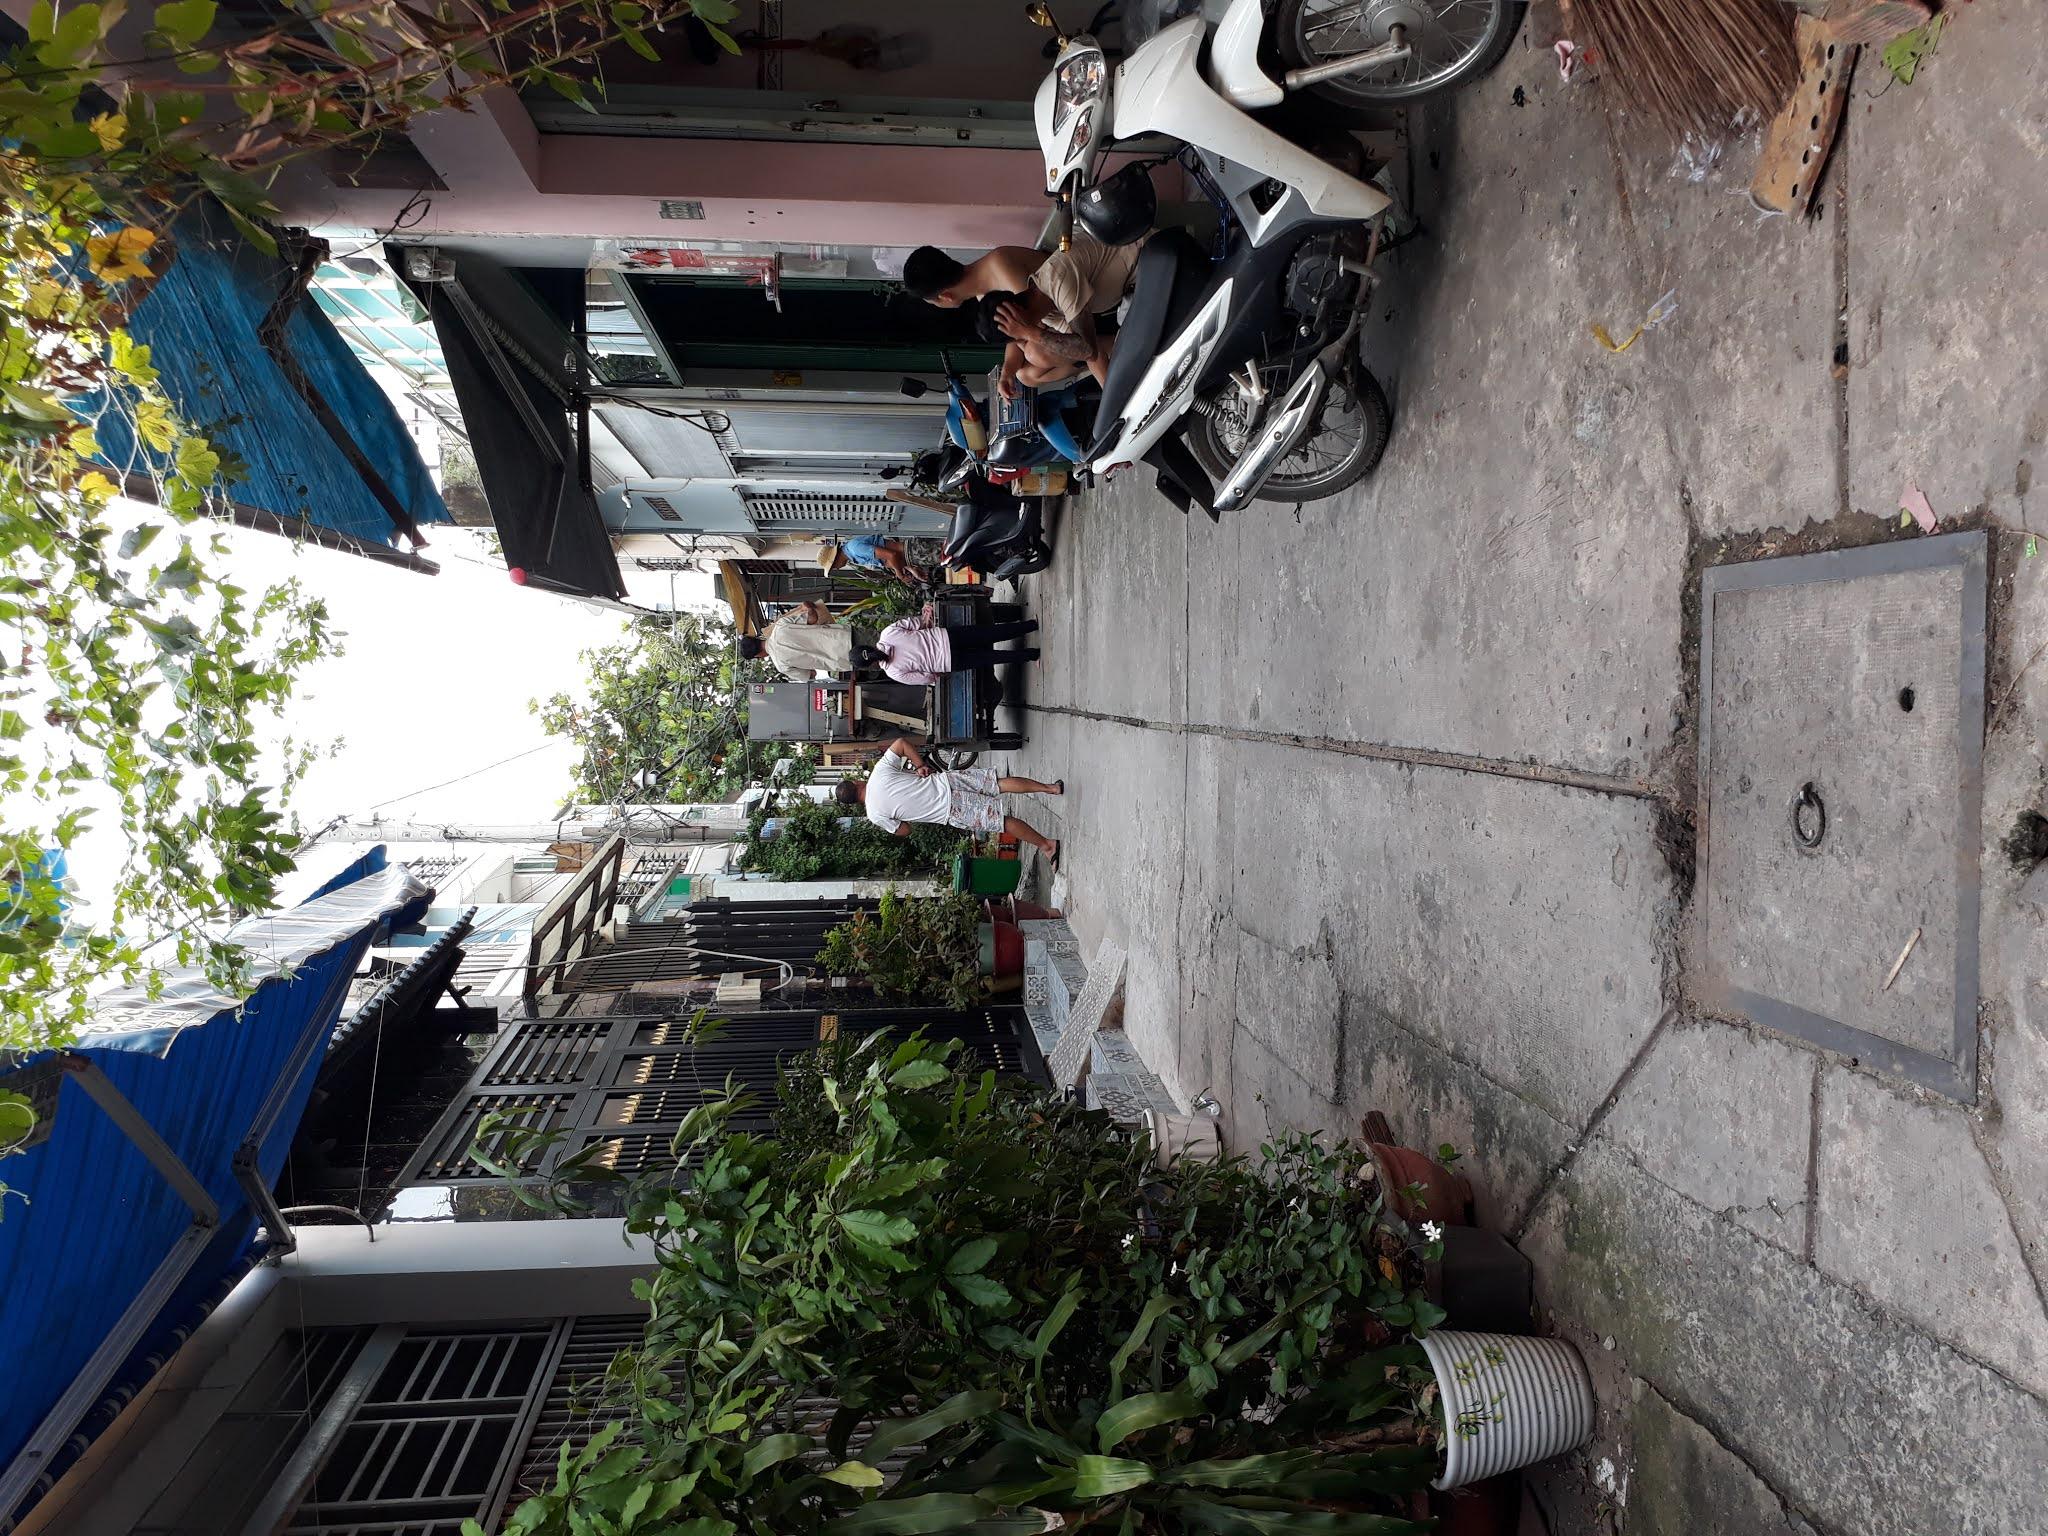 Bán nhà quận Bình Tân dưới 2 tỷ hẻm 4m Đường số 16A Bình Hưng Hòa A quận Bình Tân